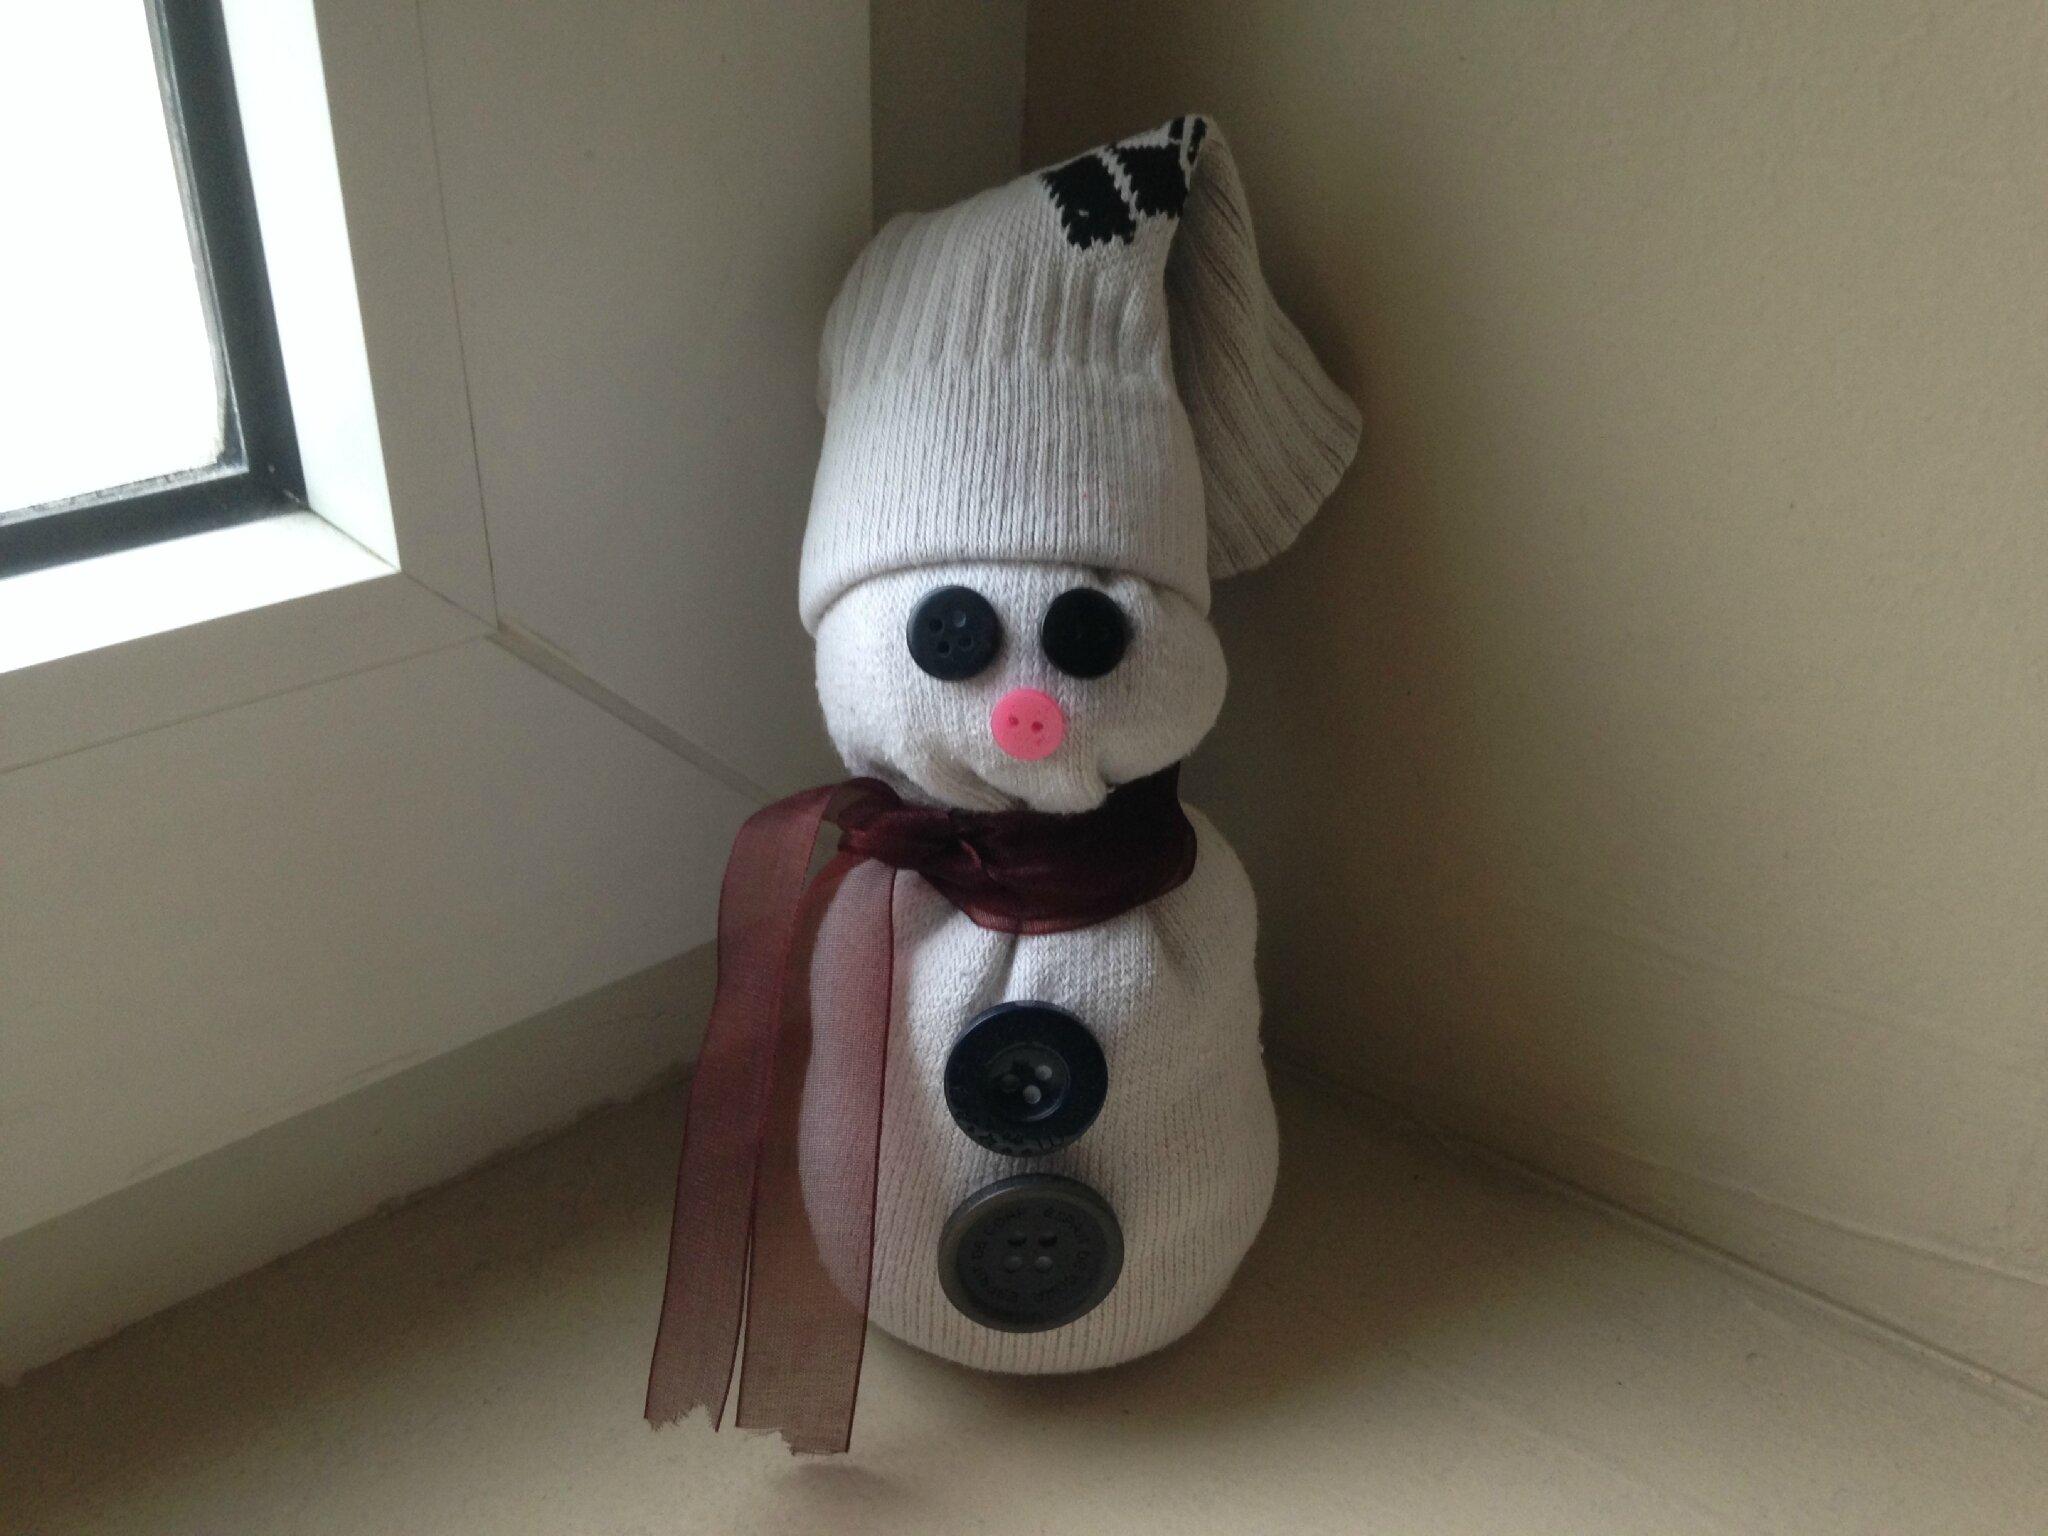 un bonhomme de neige r alis avec une chaussette id es de d coration. Black Bedroom Furniture Sets. Home Design Ideas